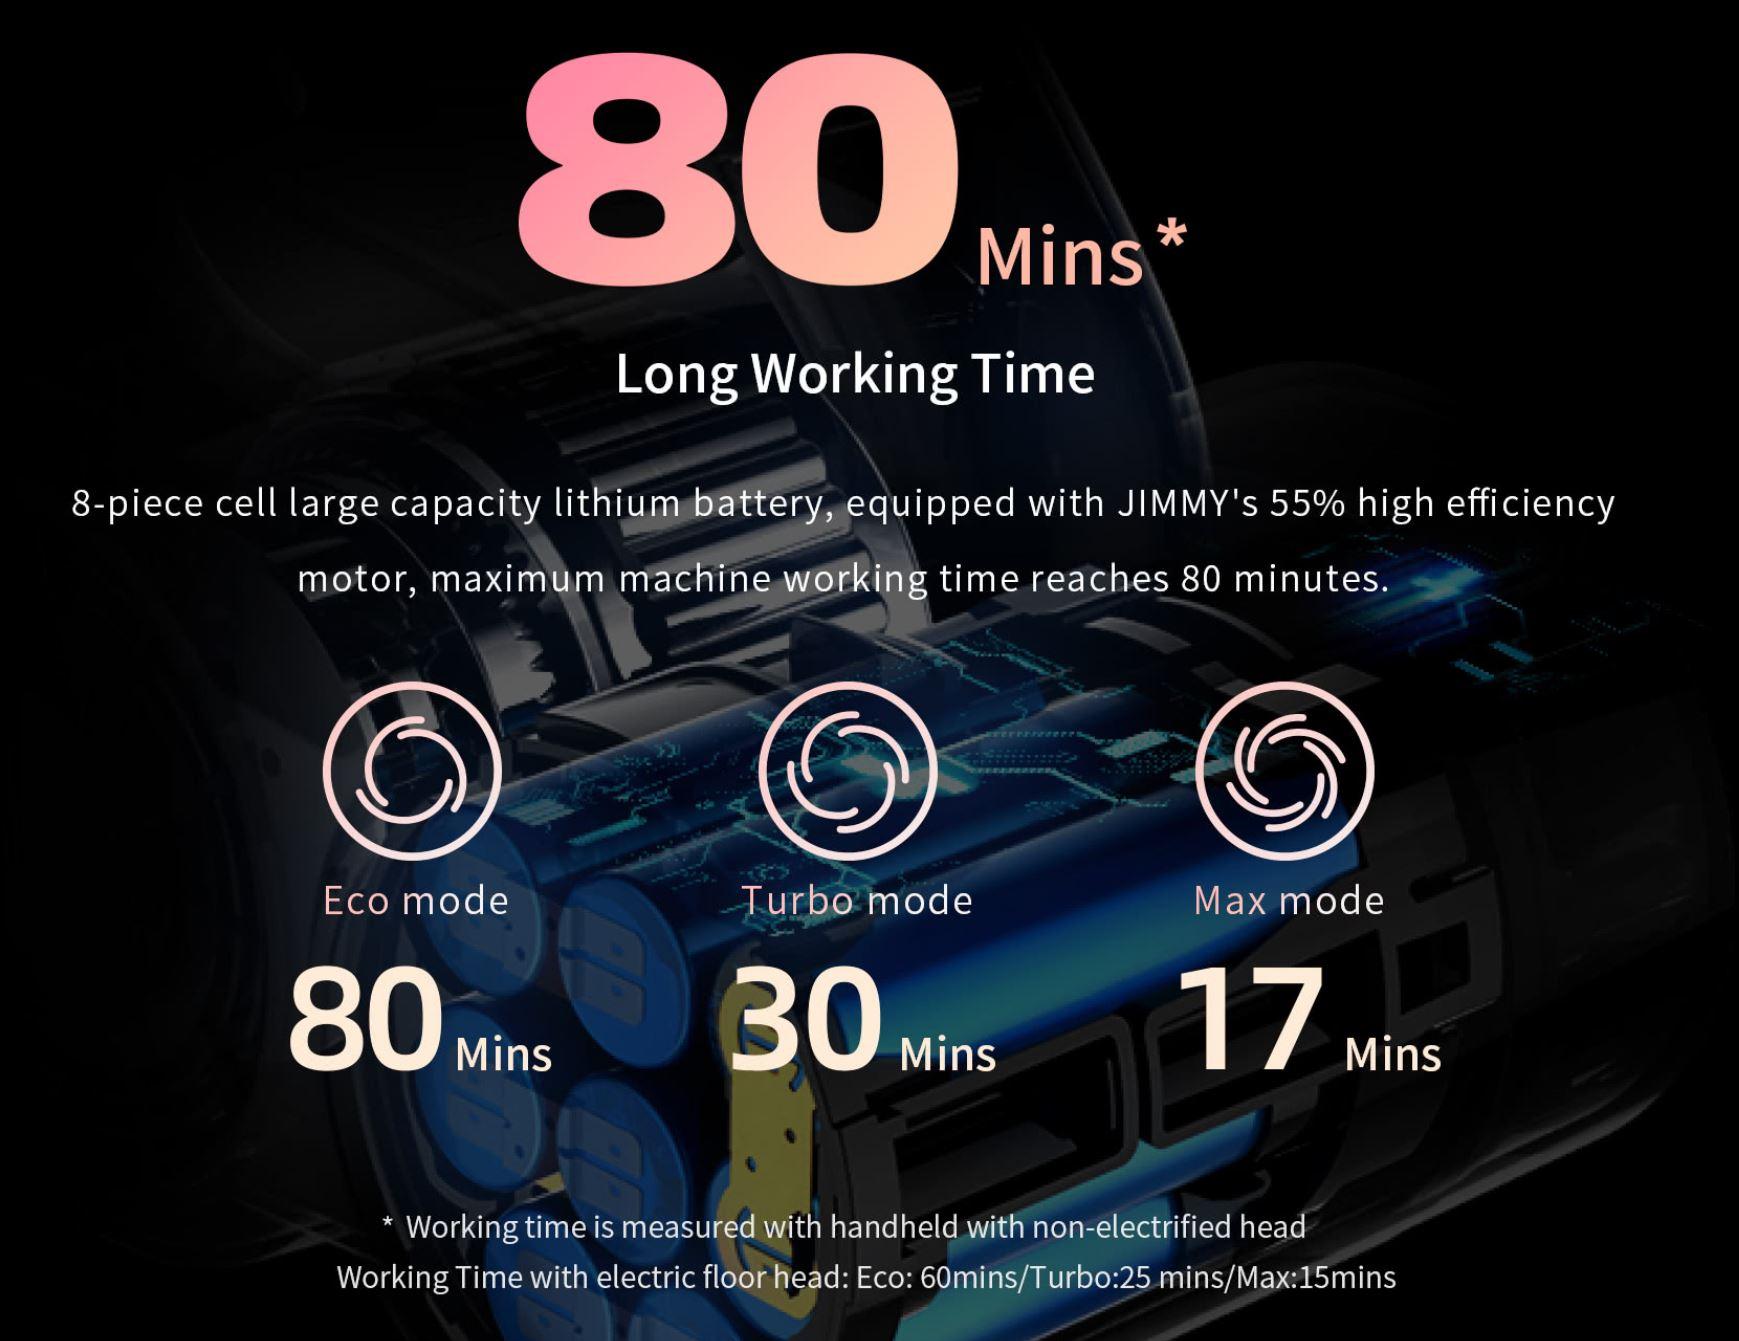 Promocja nowej serii odkurzaczy Jimmy w geekbuying.com - Jimmy H9 Pro - czas pracy